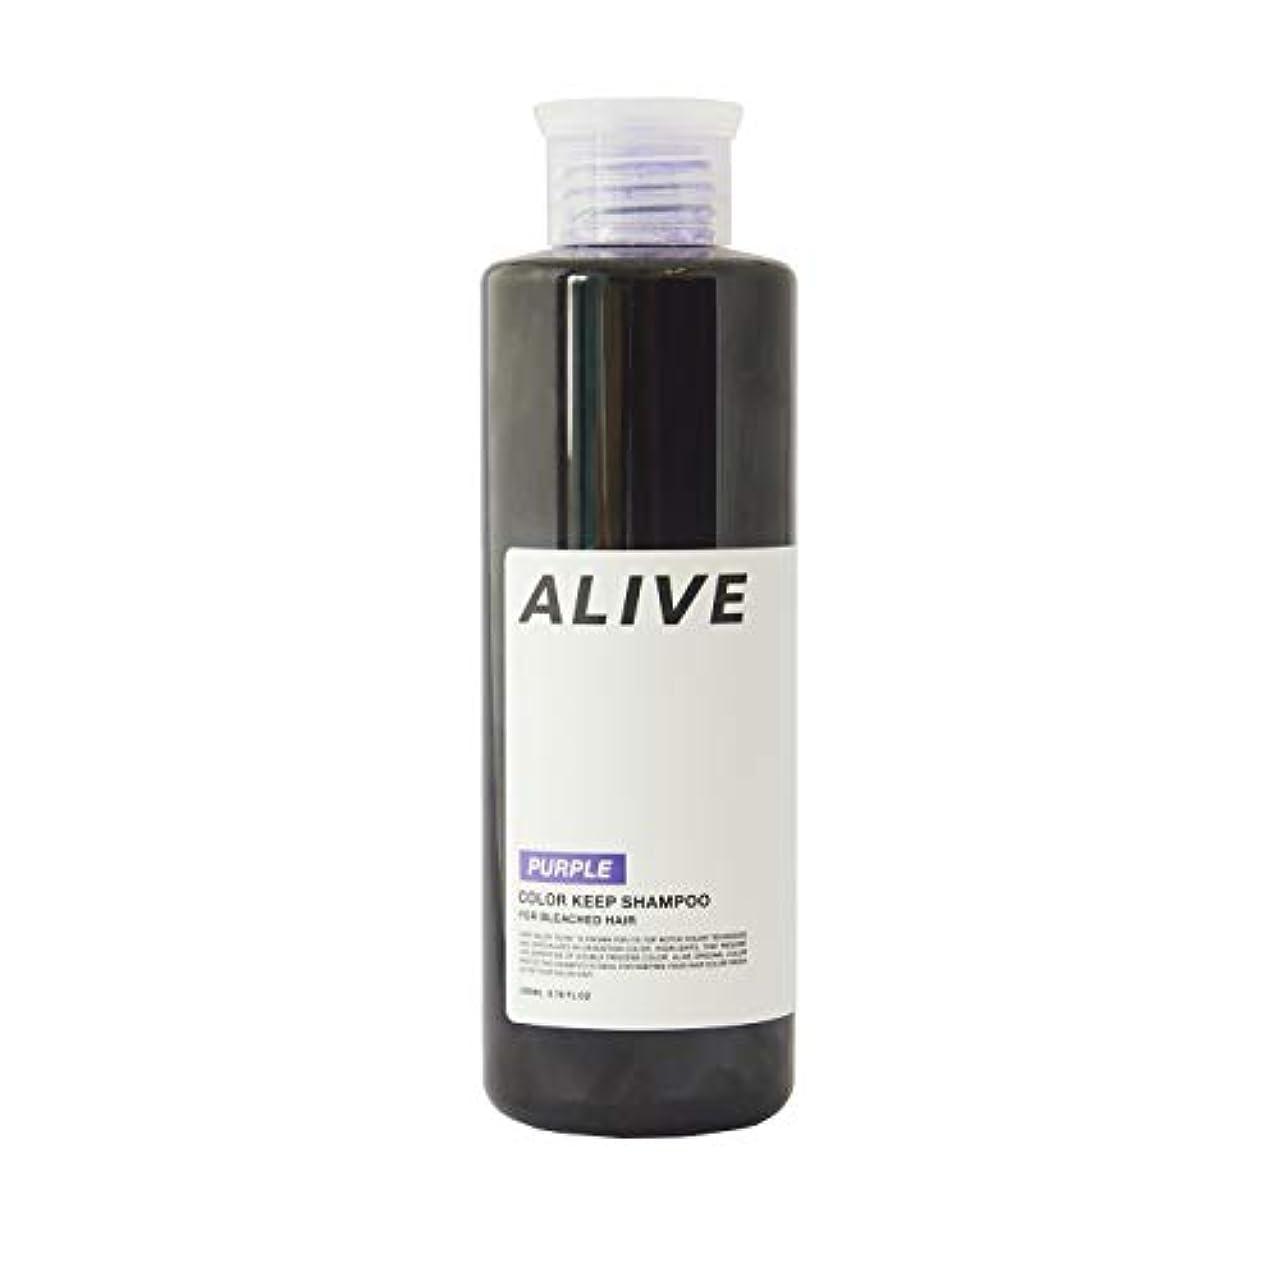 帝国ベリー優先権ALIVE アライブ カラーシャンプー 極濃 紫シャンプー 200ml ムラサキ パープル ムラシャン ムラサキシャンプー